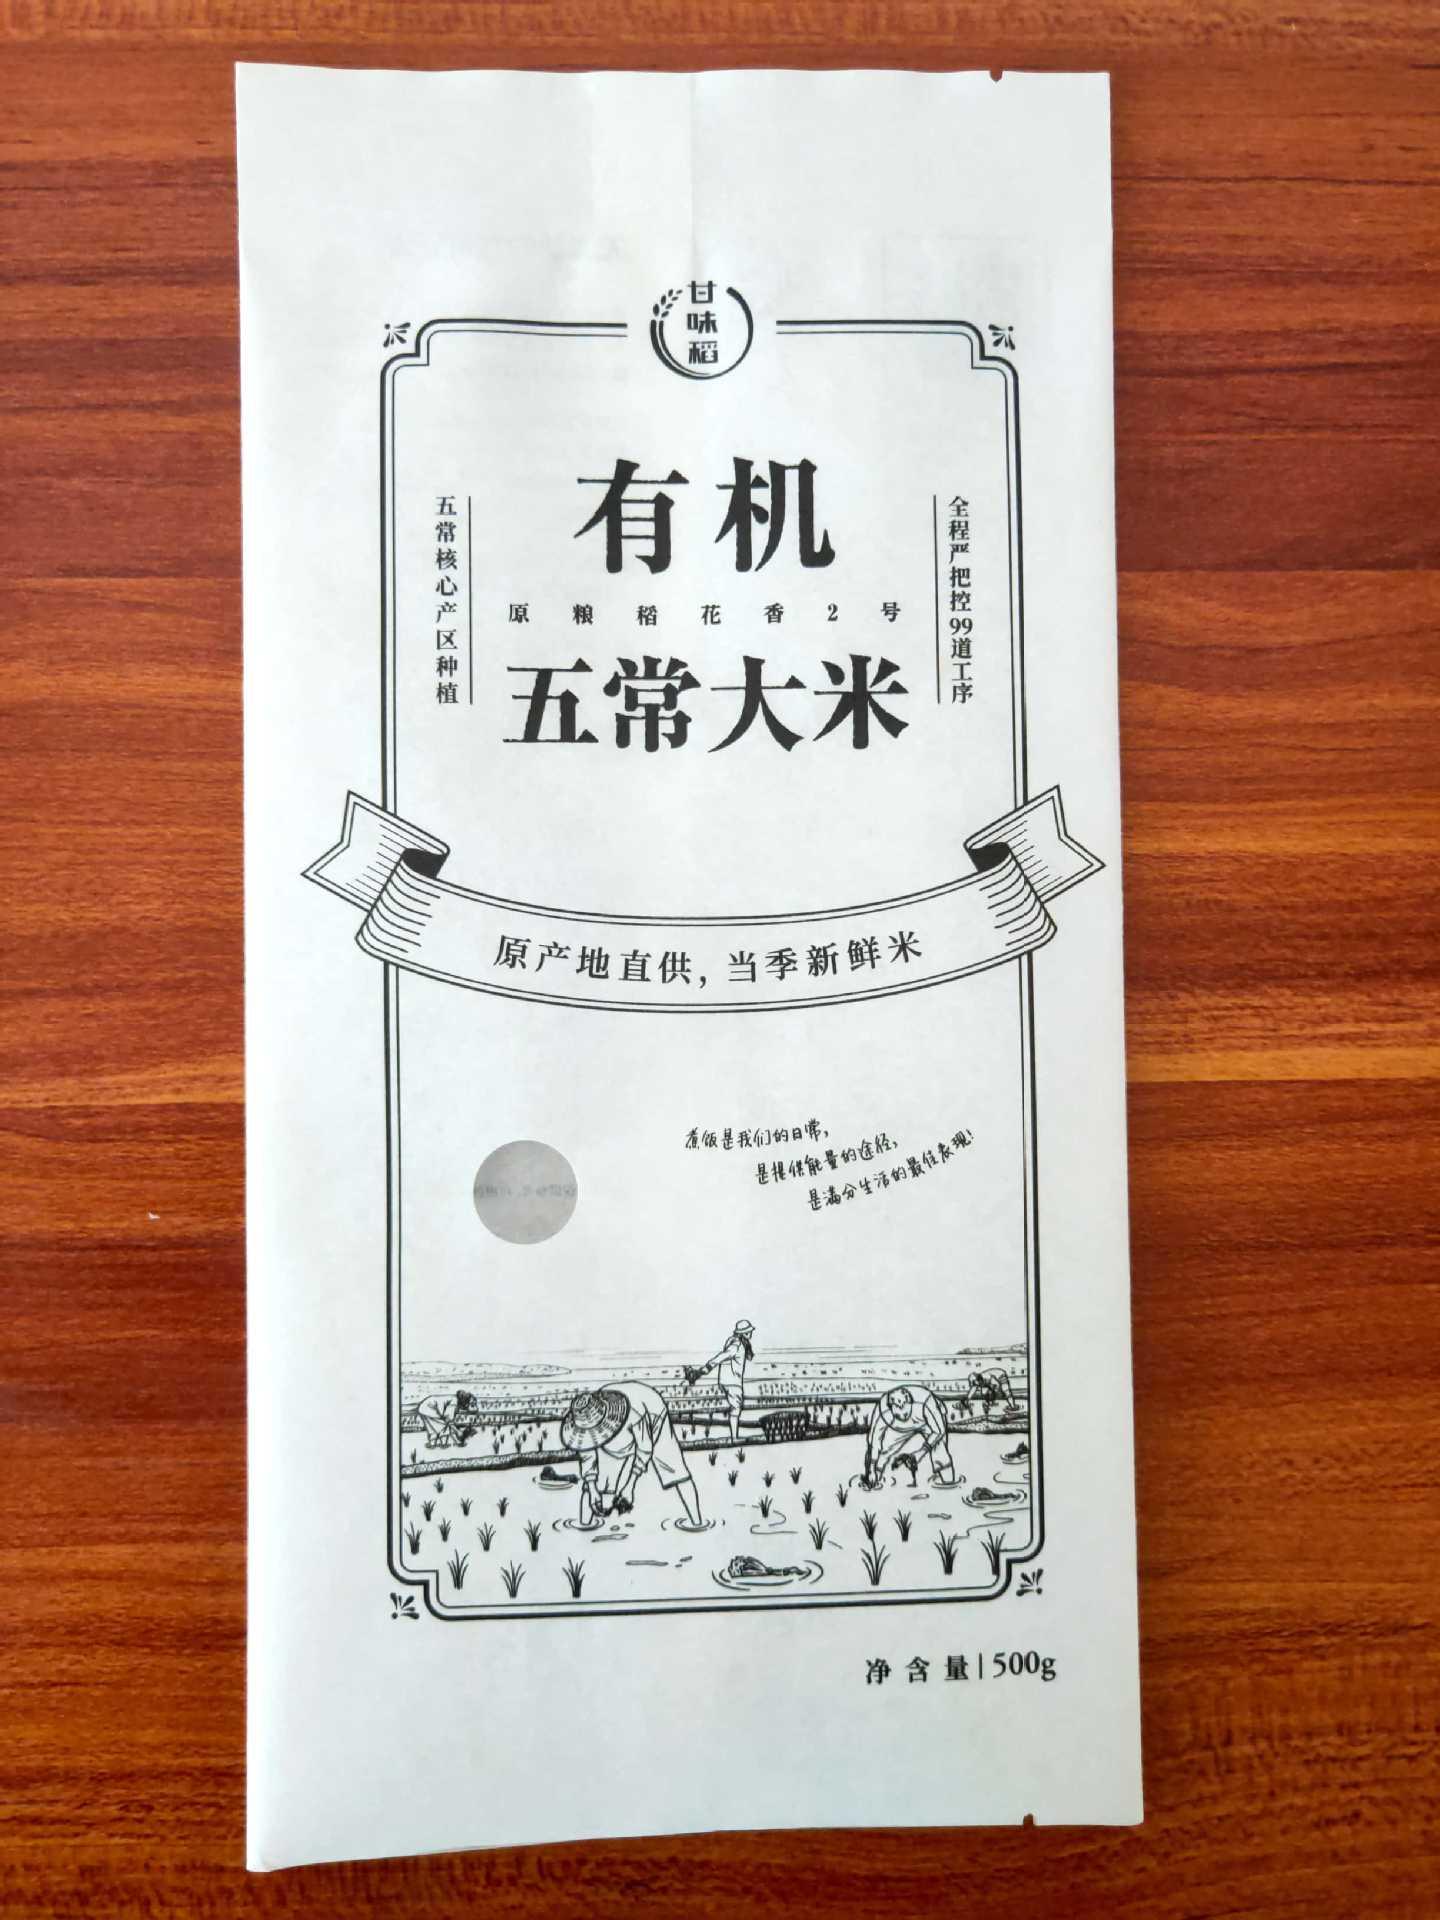 源头厂家  专业生产纸塑袋  纯纸袋 米袋 食品袋 量大优惠